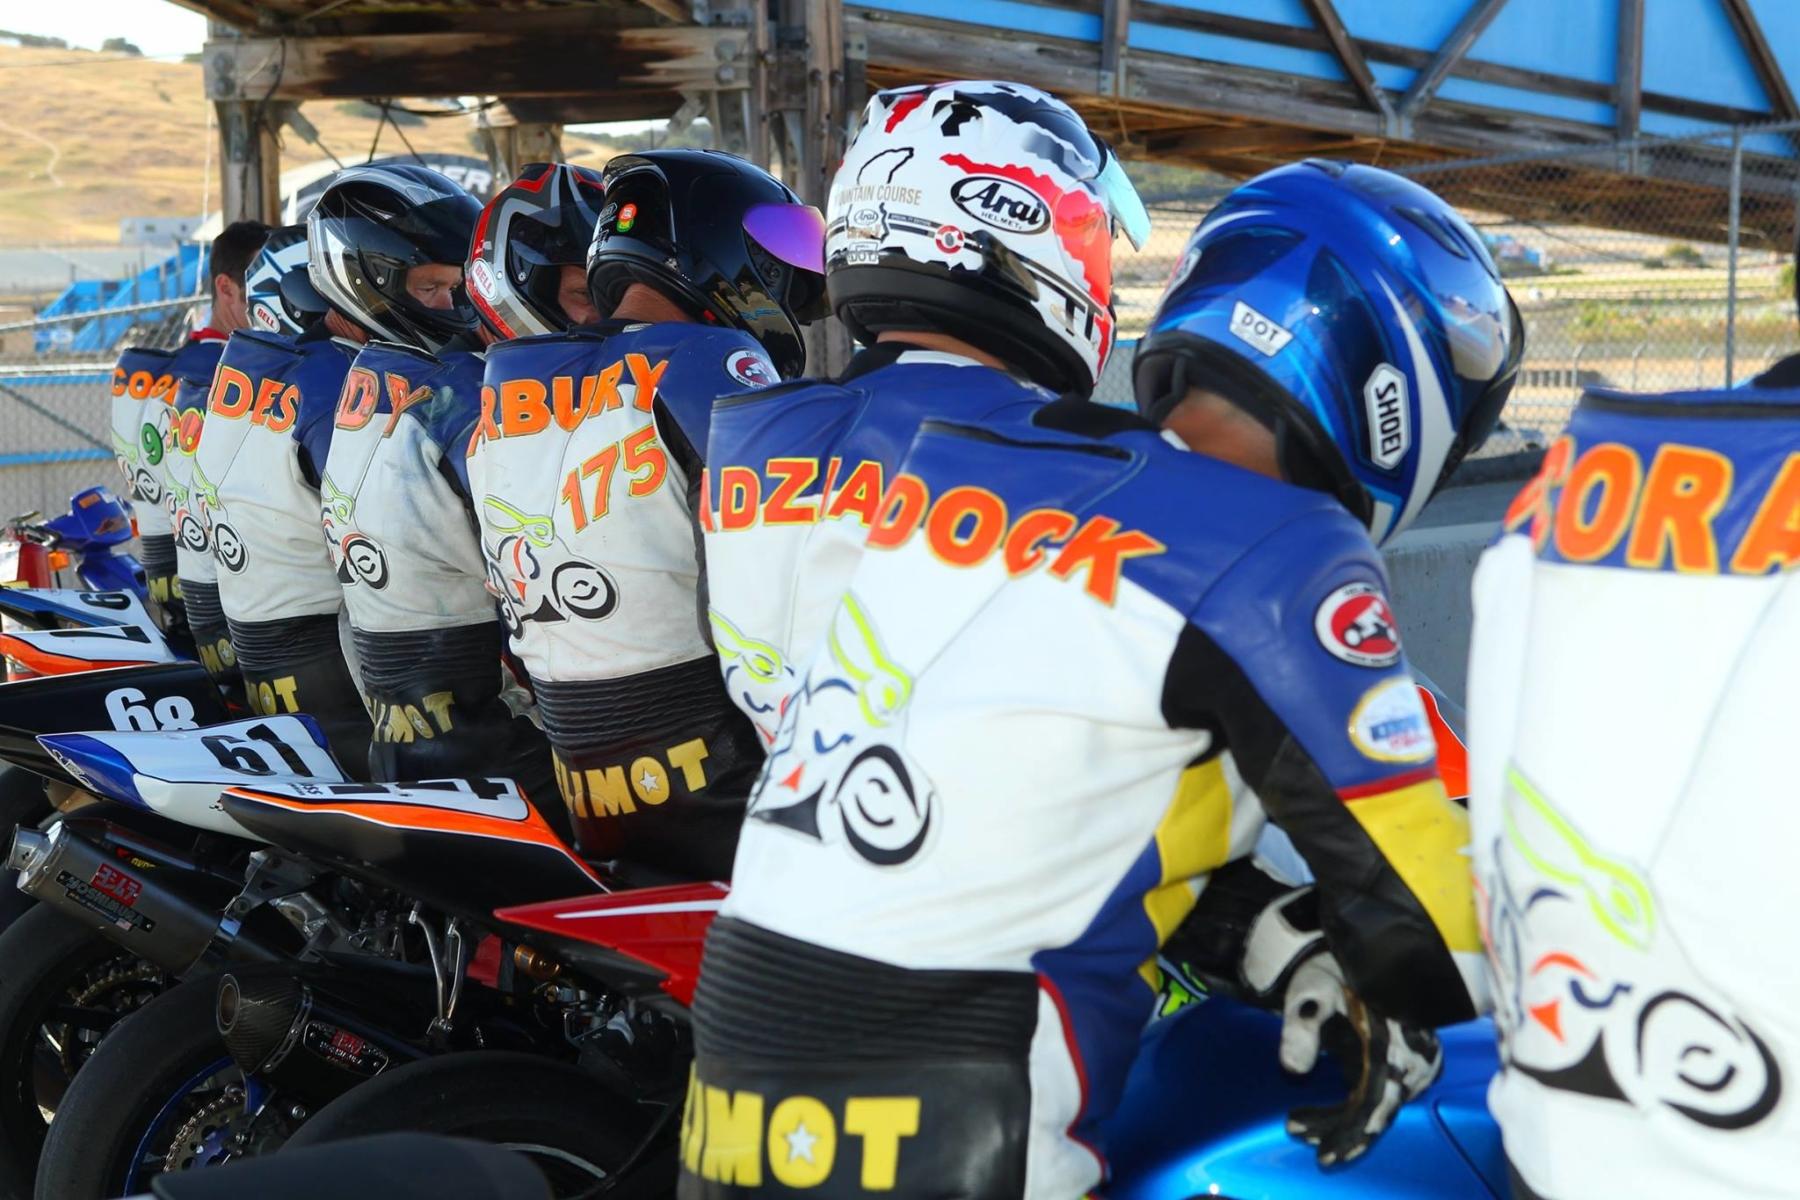 Szymon Dziadzia - Keigwin's At The Track - Laguna-Seca - Bike Racing